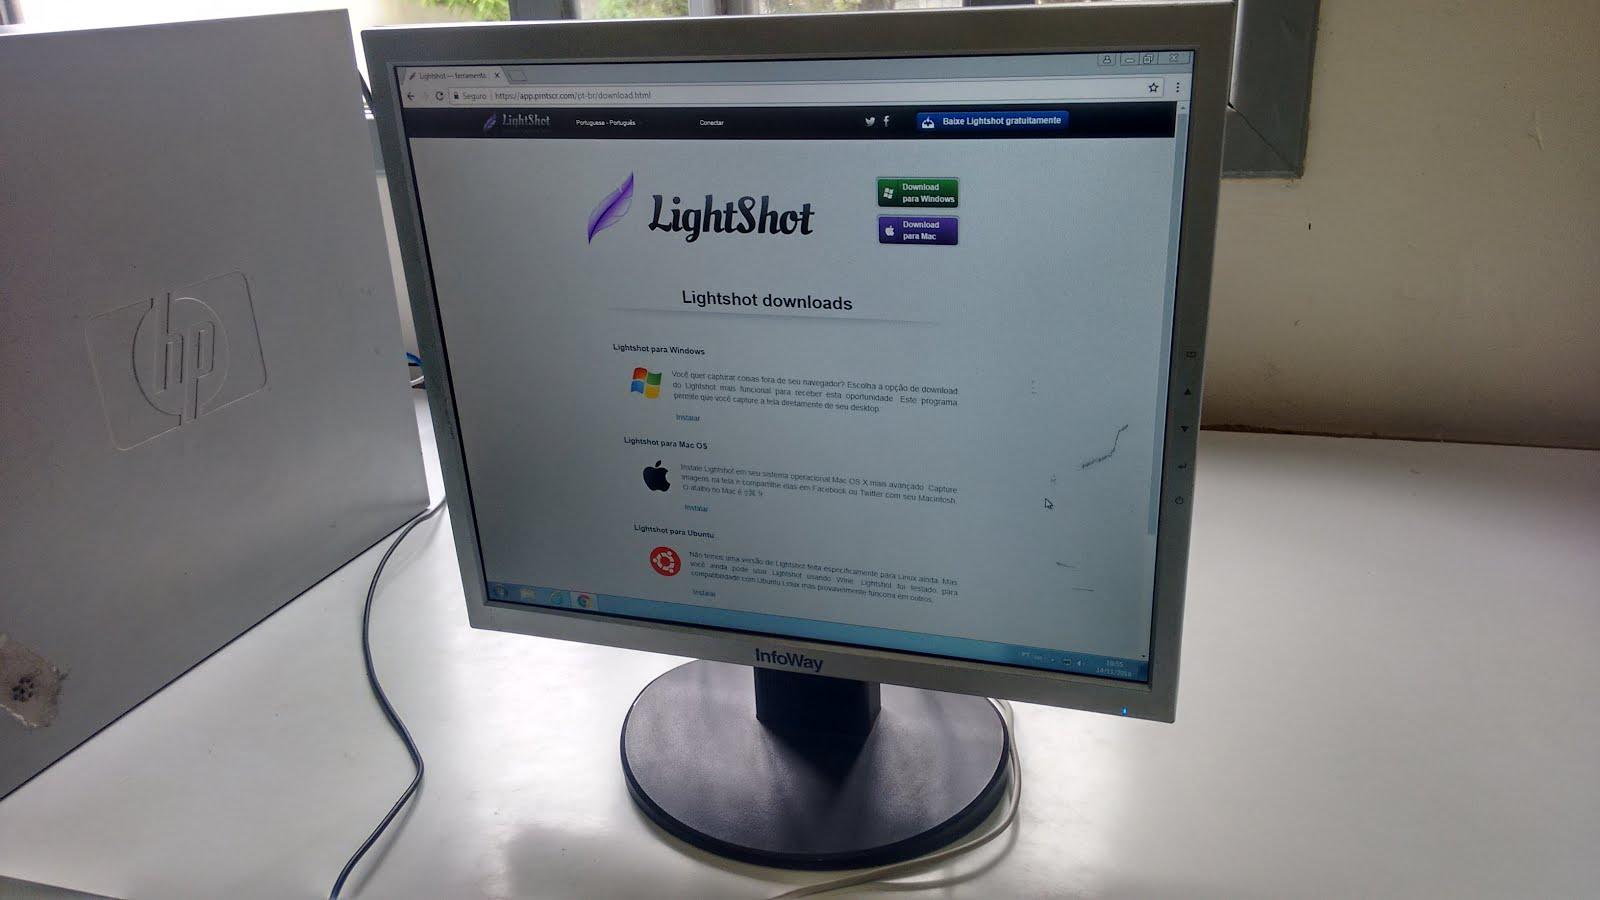 Educandos do Calábria aprendem sobre o programa Lightshot - Calábria